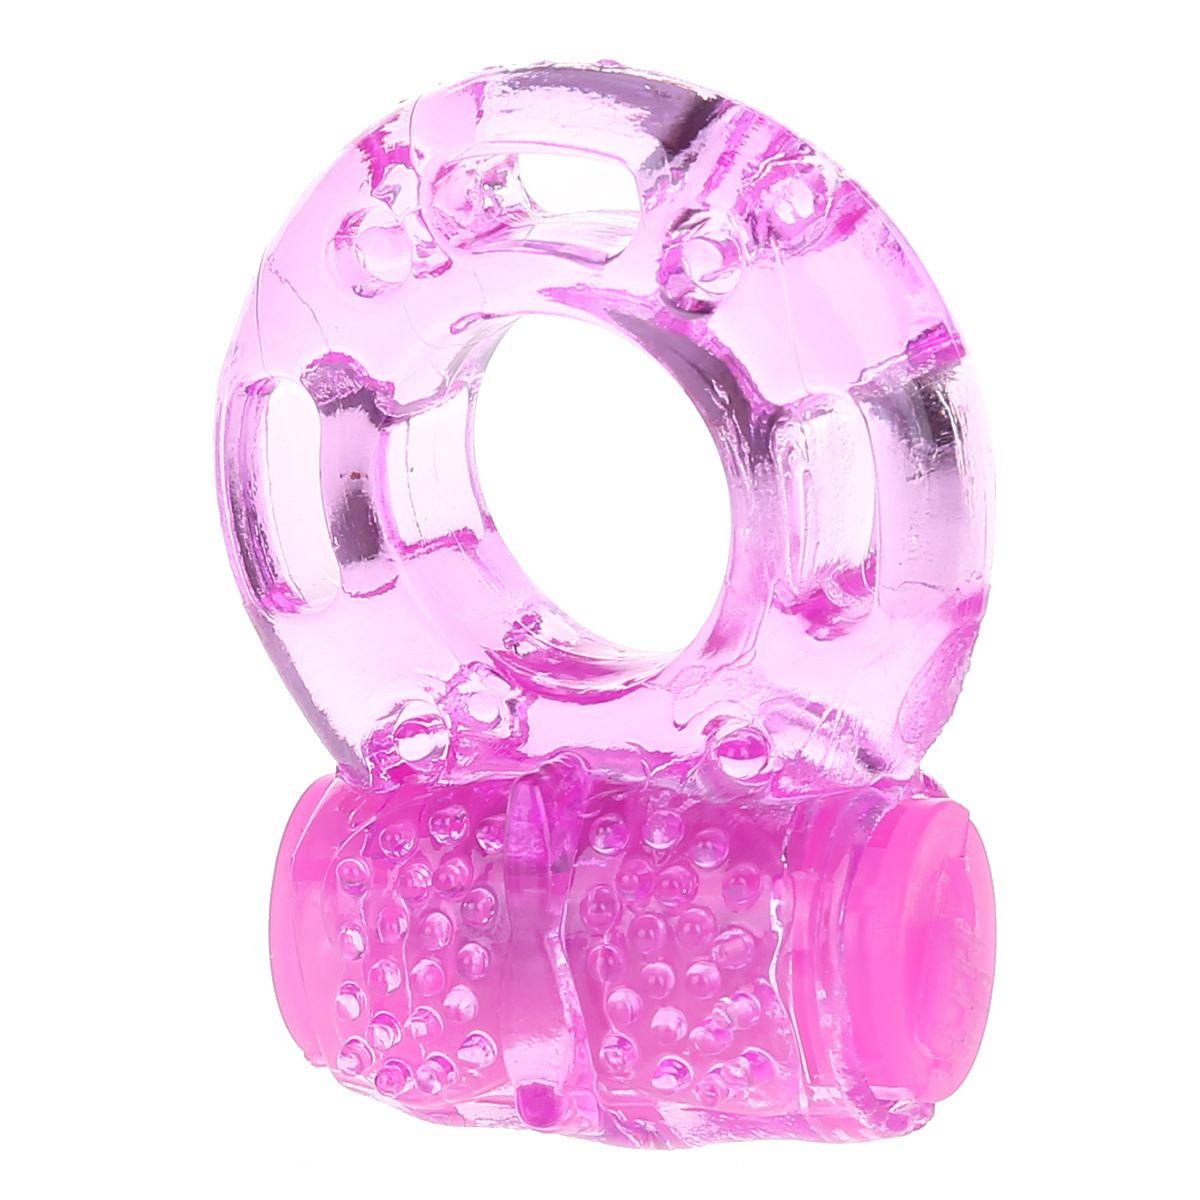 Mariposa de silicona Cock Ring Jelly Vibrante Pene Anillo Retraso Eyaculación precoz Bloqueo Juguetes sexuales para hombres